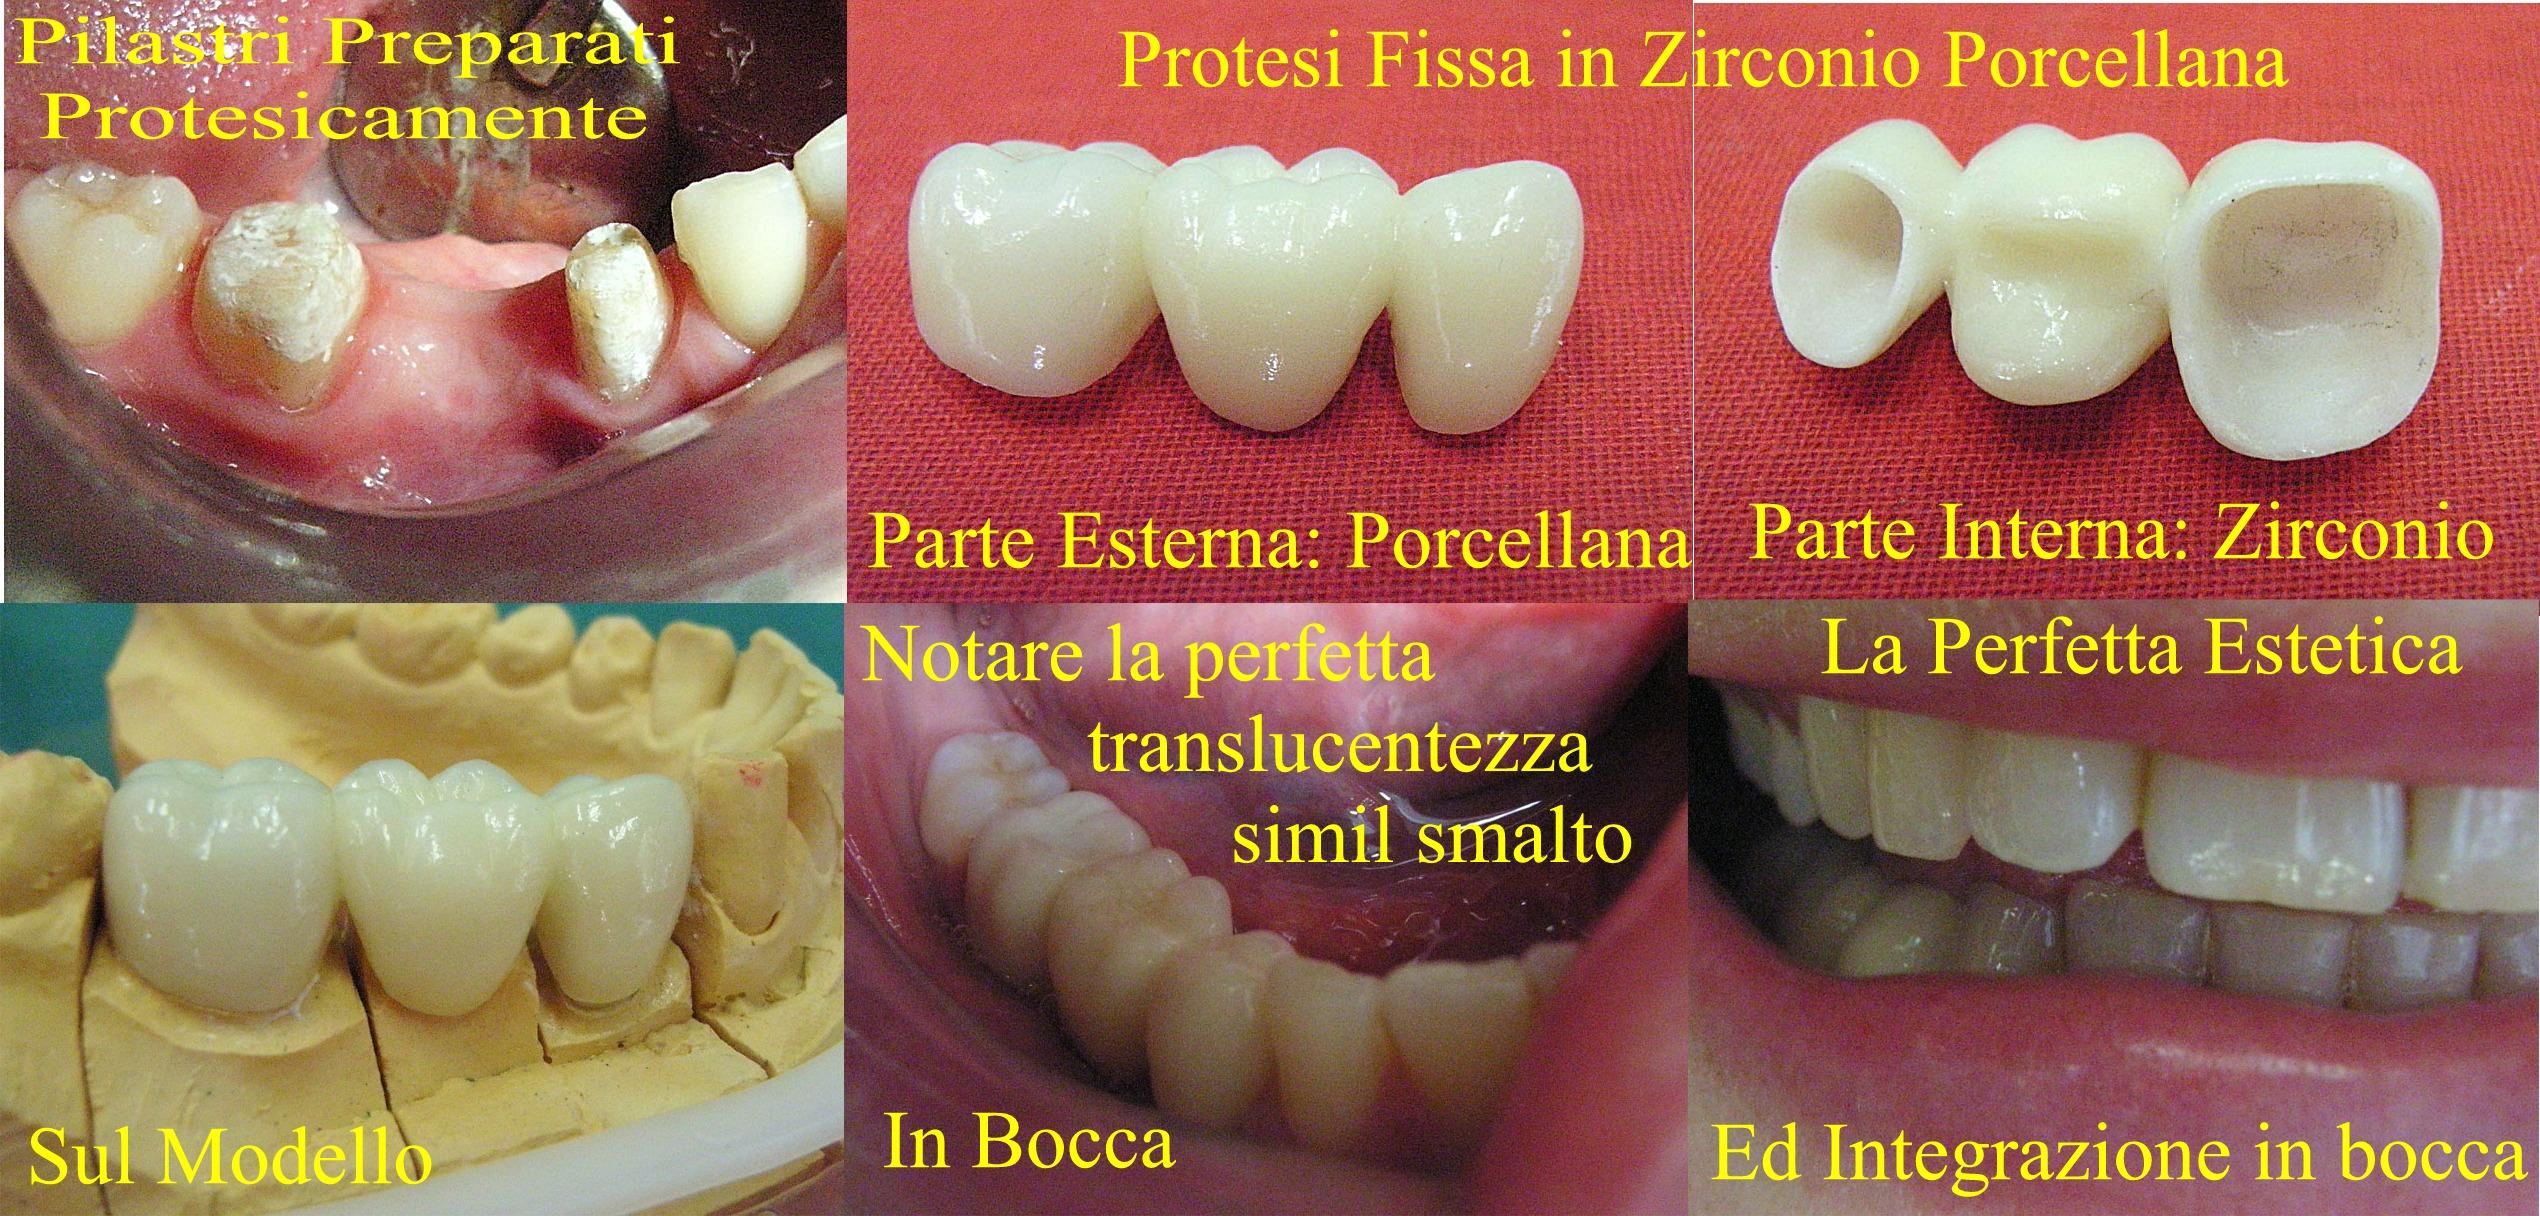 Protesi fissa in Zirconioceramica su monconi Vivi e Vitali. Da casistica della Dr.ssa Claudia Petti di Cagliari